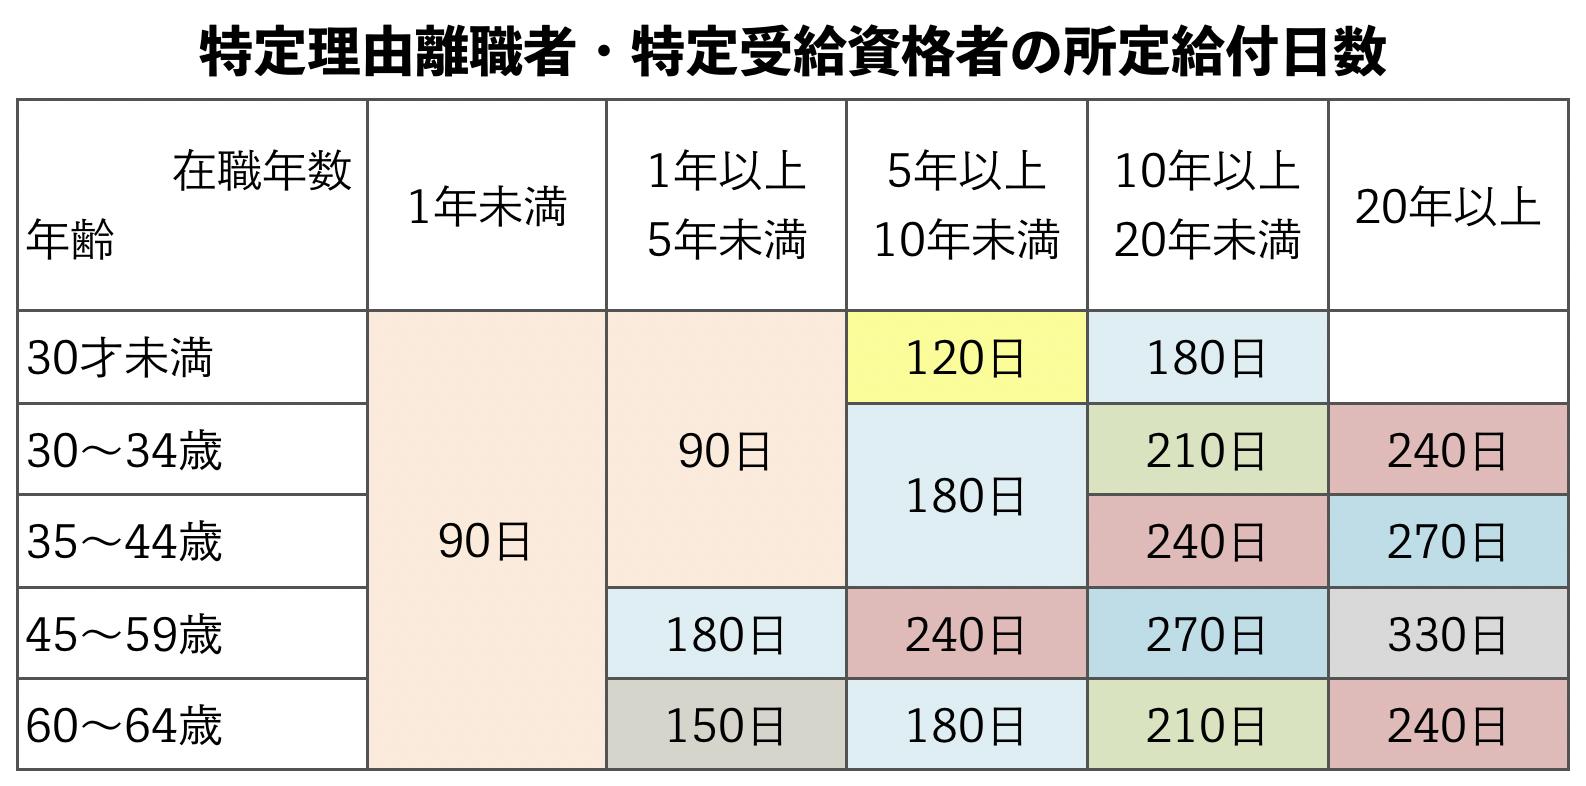 %e7%89%b9%e5%ae%9a%e7%90%86%e7%94%b1%e9%9b%a2%e8%81%b7%e8%80%85%e3%83%bb%e7%89%b9%e5%ae%9a%e5%8f%97%e7%b5%a6%e8%b3%87%e6%a0%bc%e8%80%85%e3%81%ae%e6%89%80%e5%ae%9a%e7%b5%a6%e4%bb%98%e6%97%a5%e6%95%b0